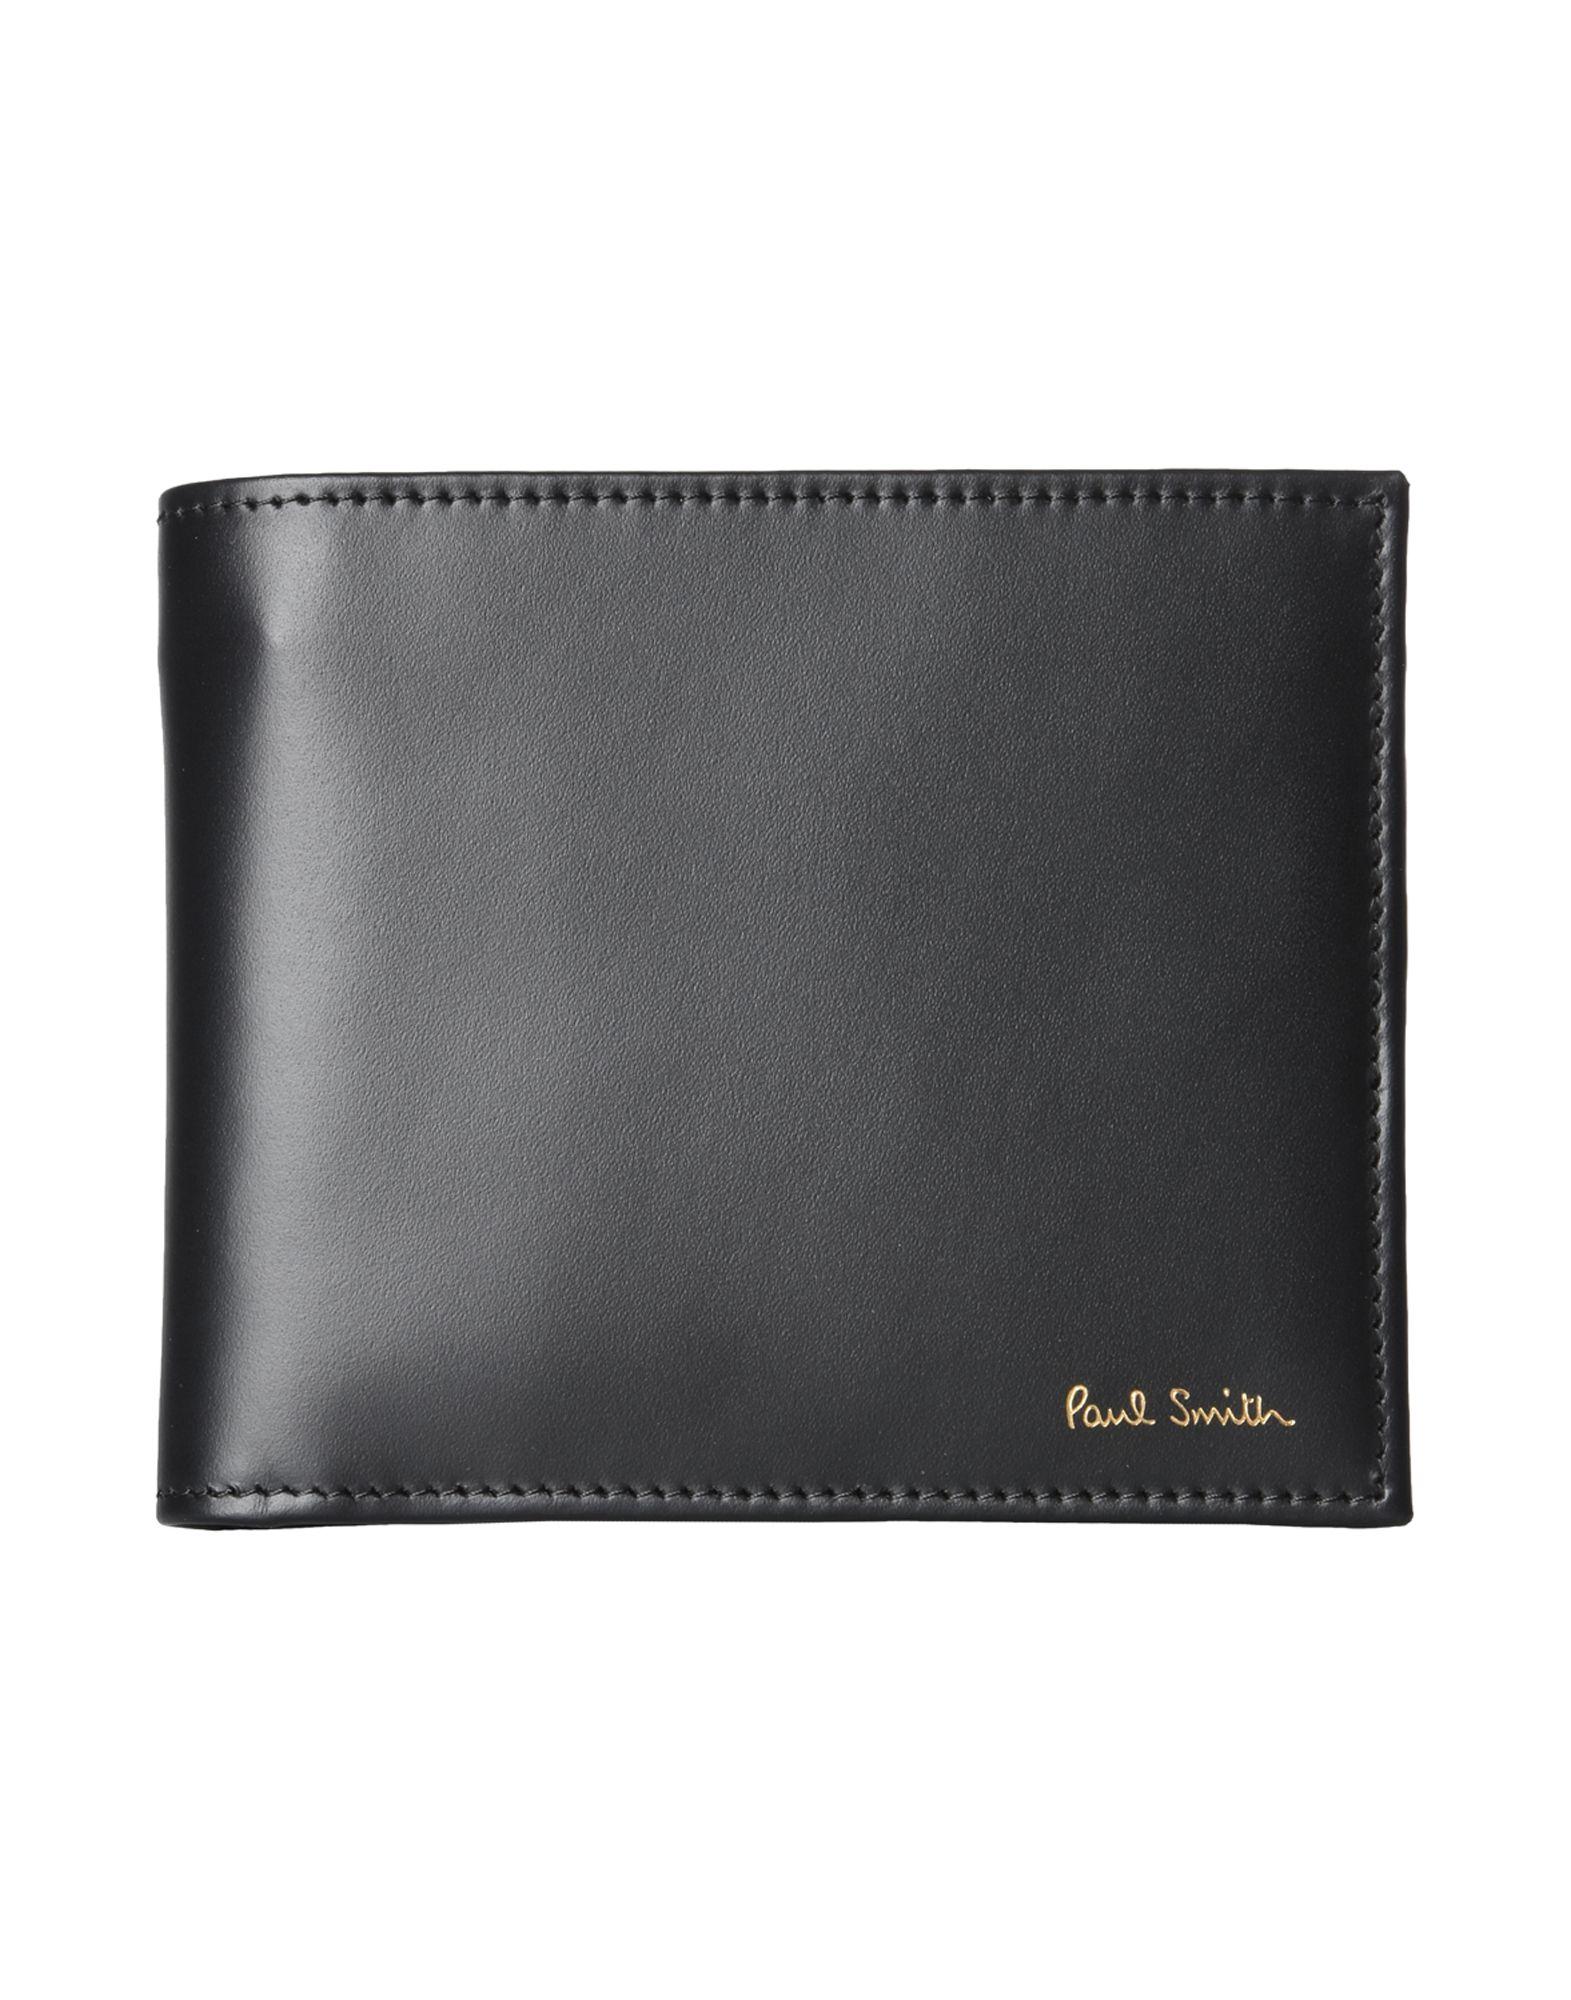 メンズ PAUL SMITH MEN WALLET BFOLD INT MUL 財布  ブラック